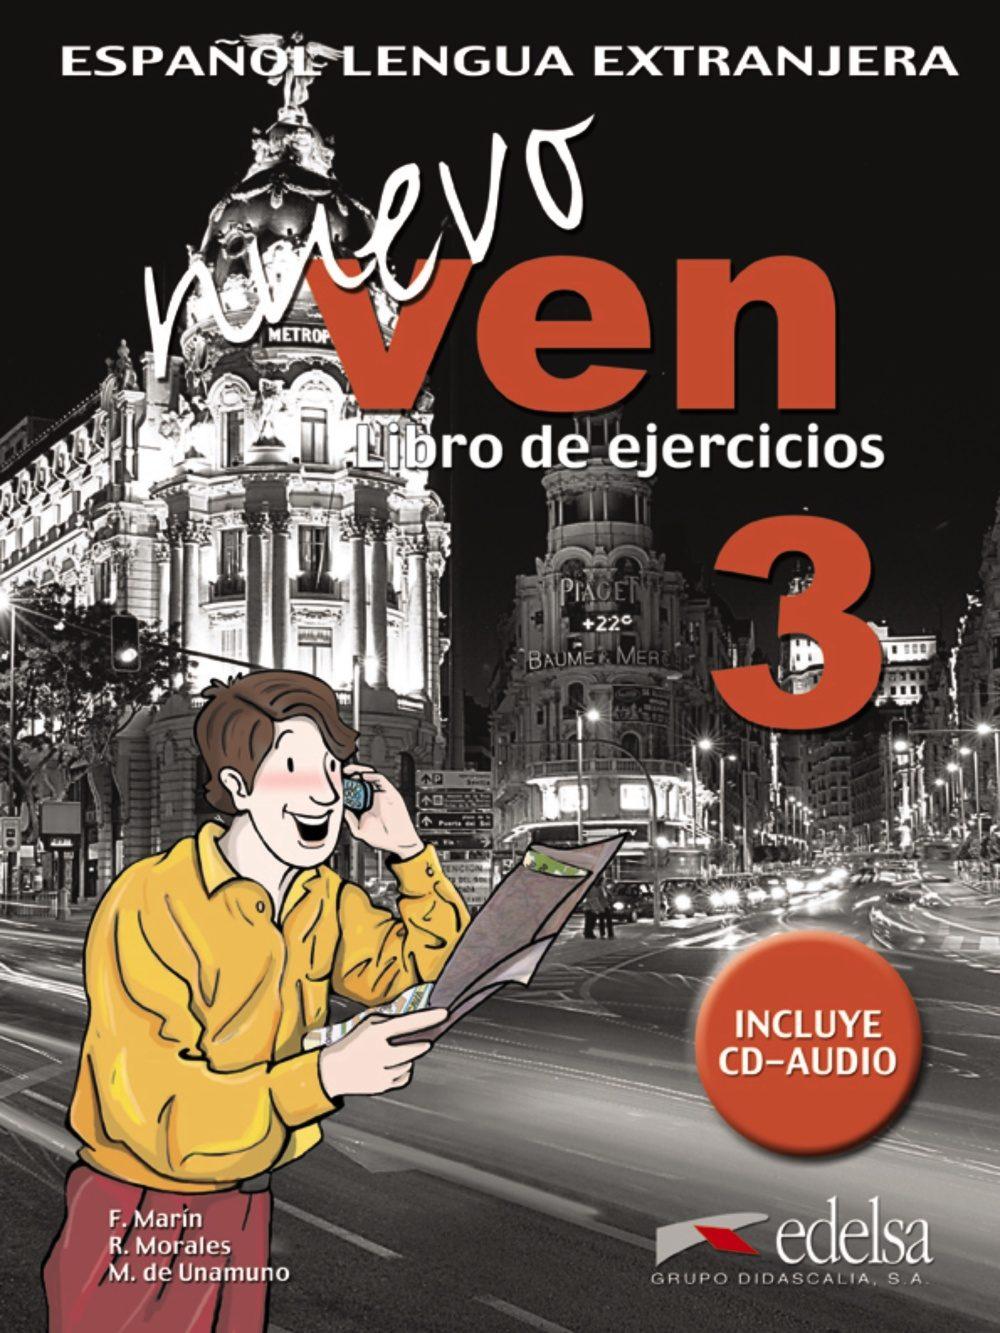 Nuevo Ven 3: Libro De Ejercicios (ele: Español Lengua Extranjera) (incluye Audio-cd) por Vv.aa.;                                                                                                                                                                                                                                   Fernando Mari epub